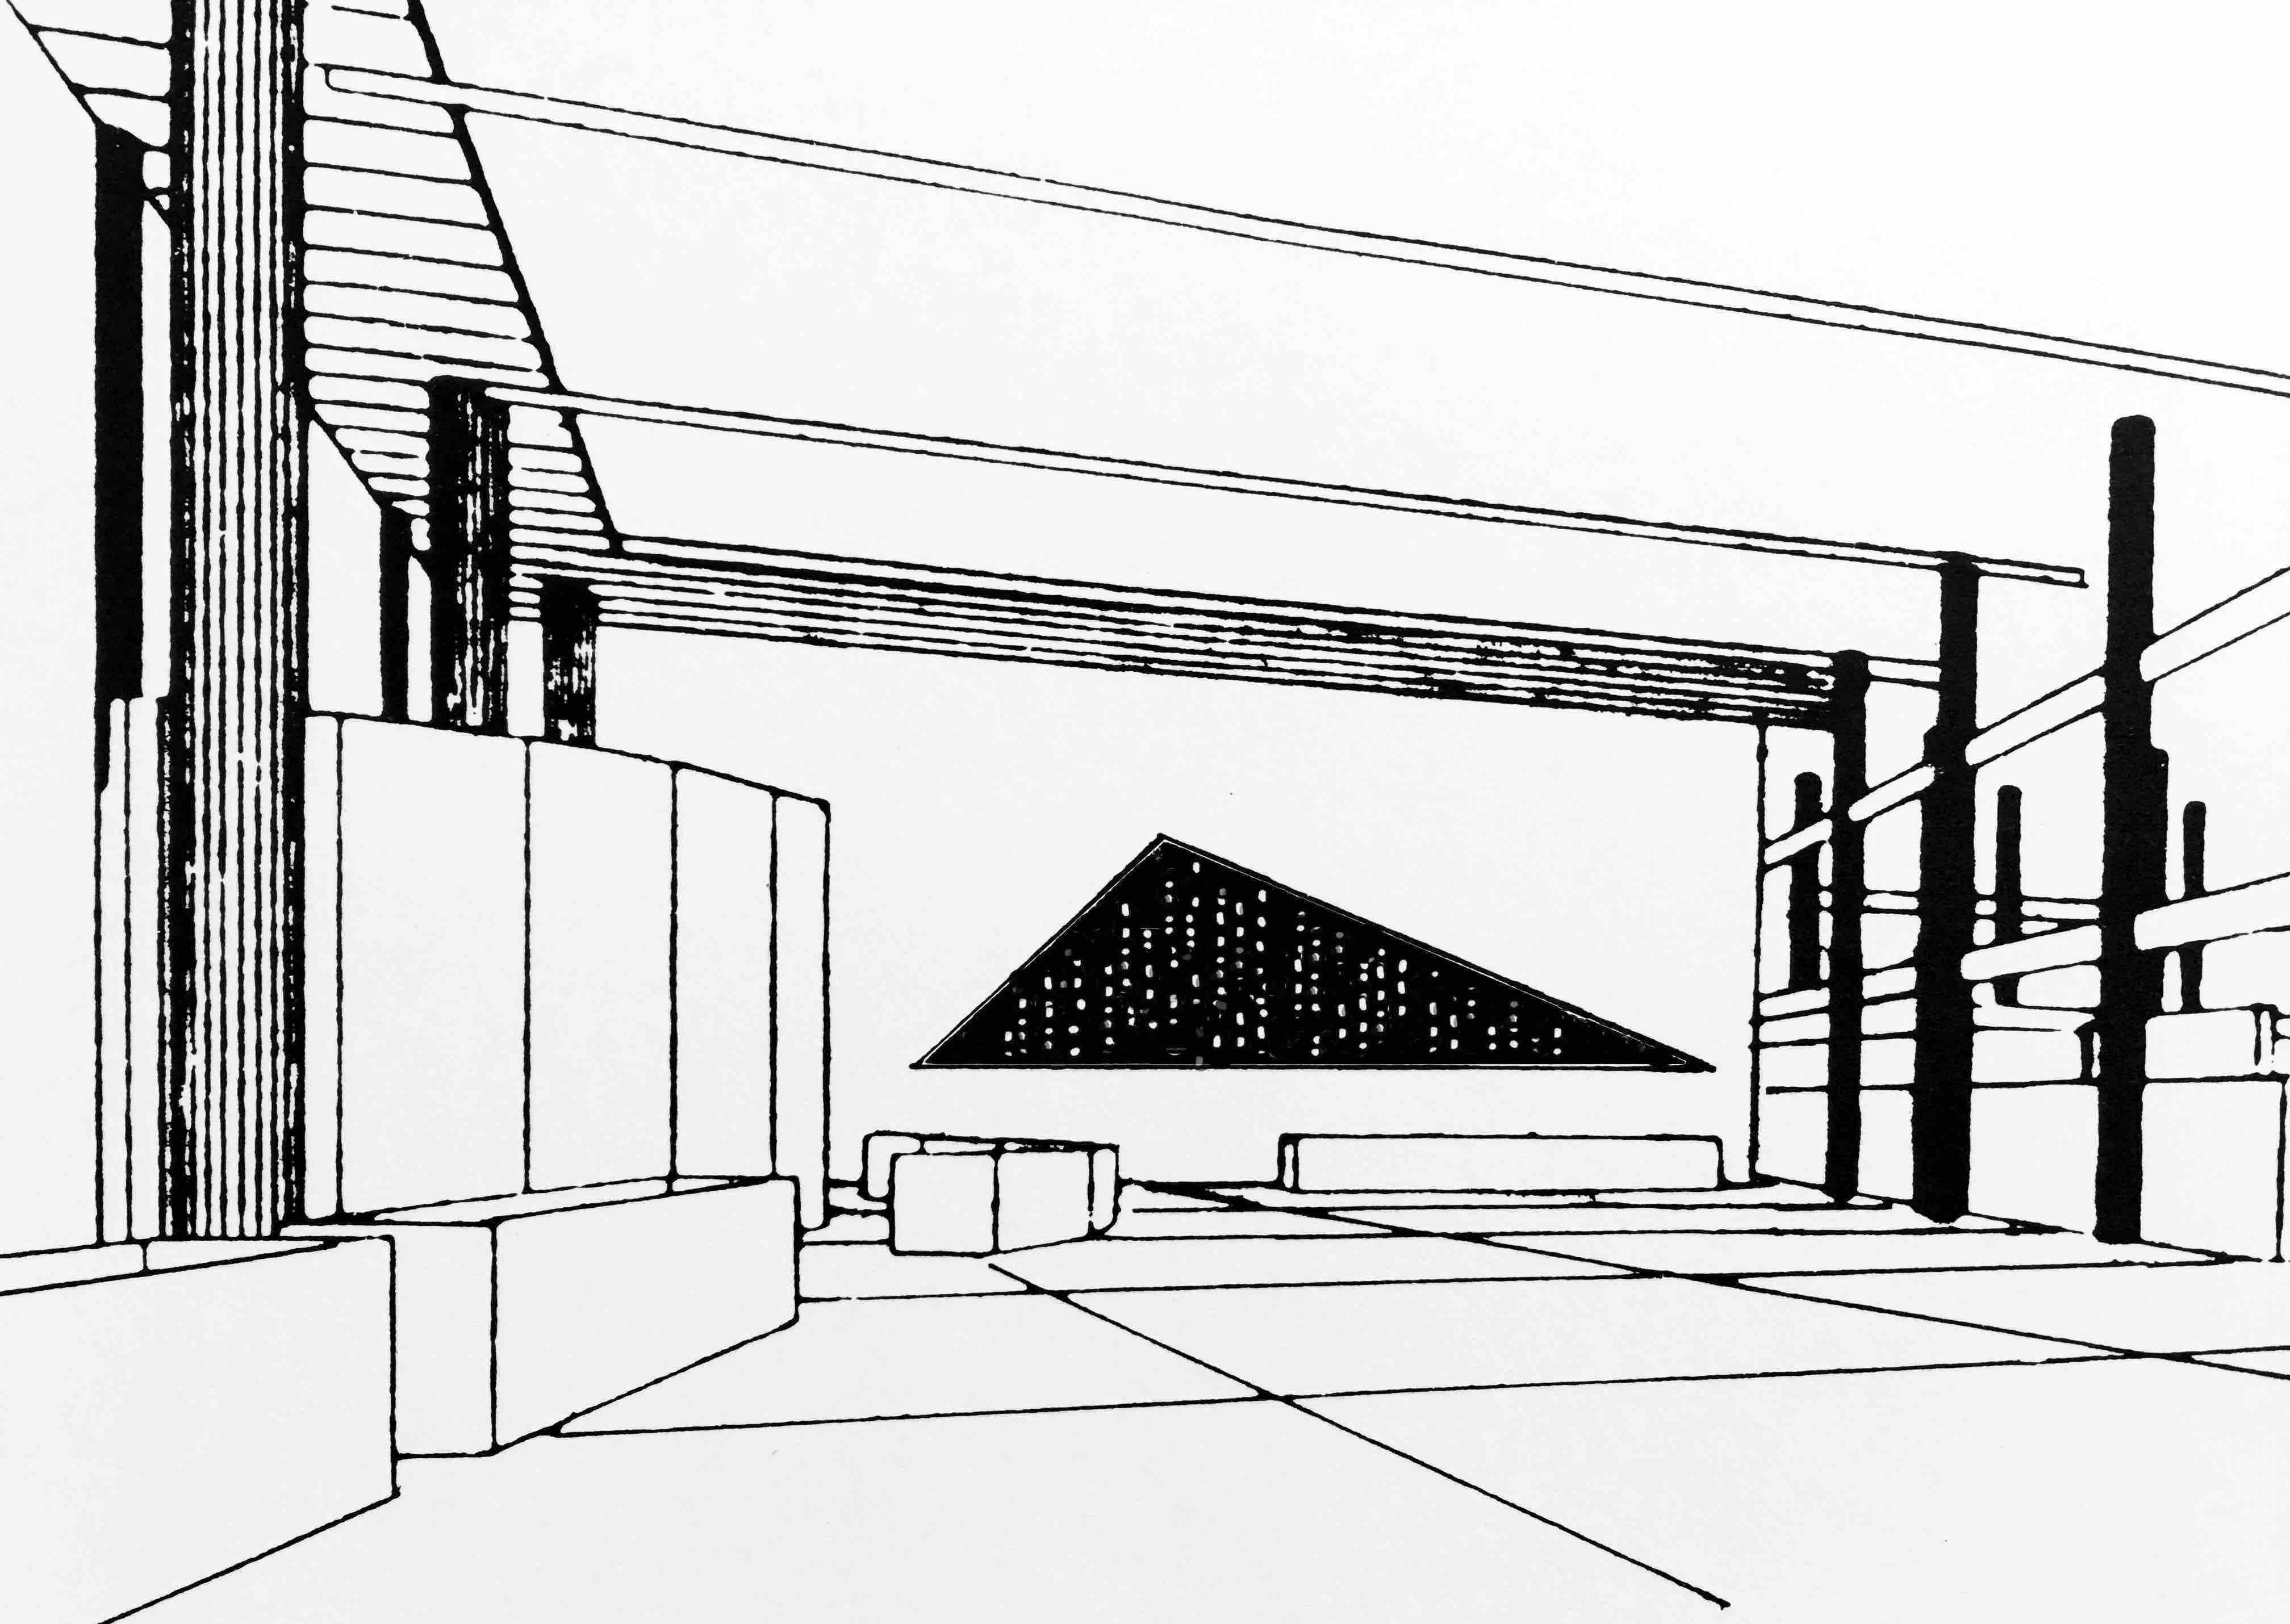 lichtregen, simulation  1991